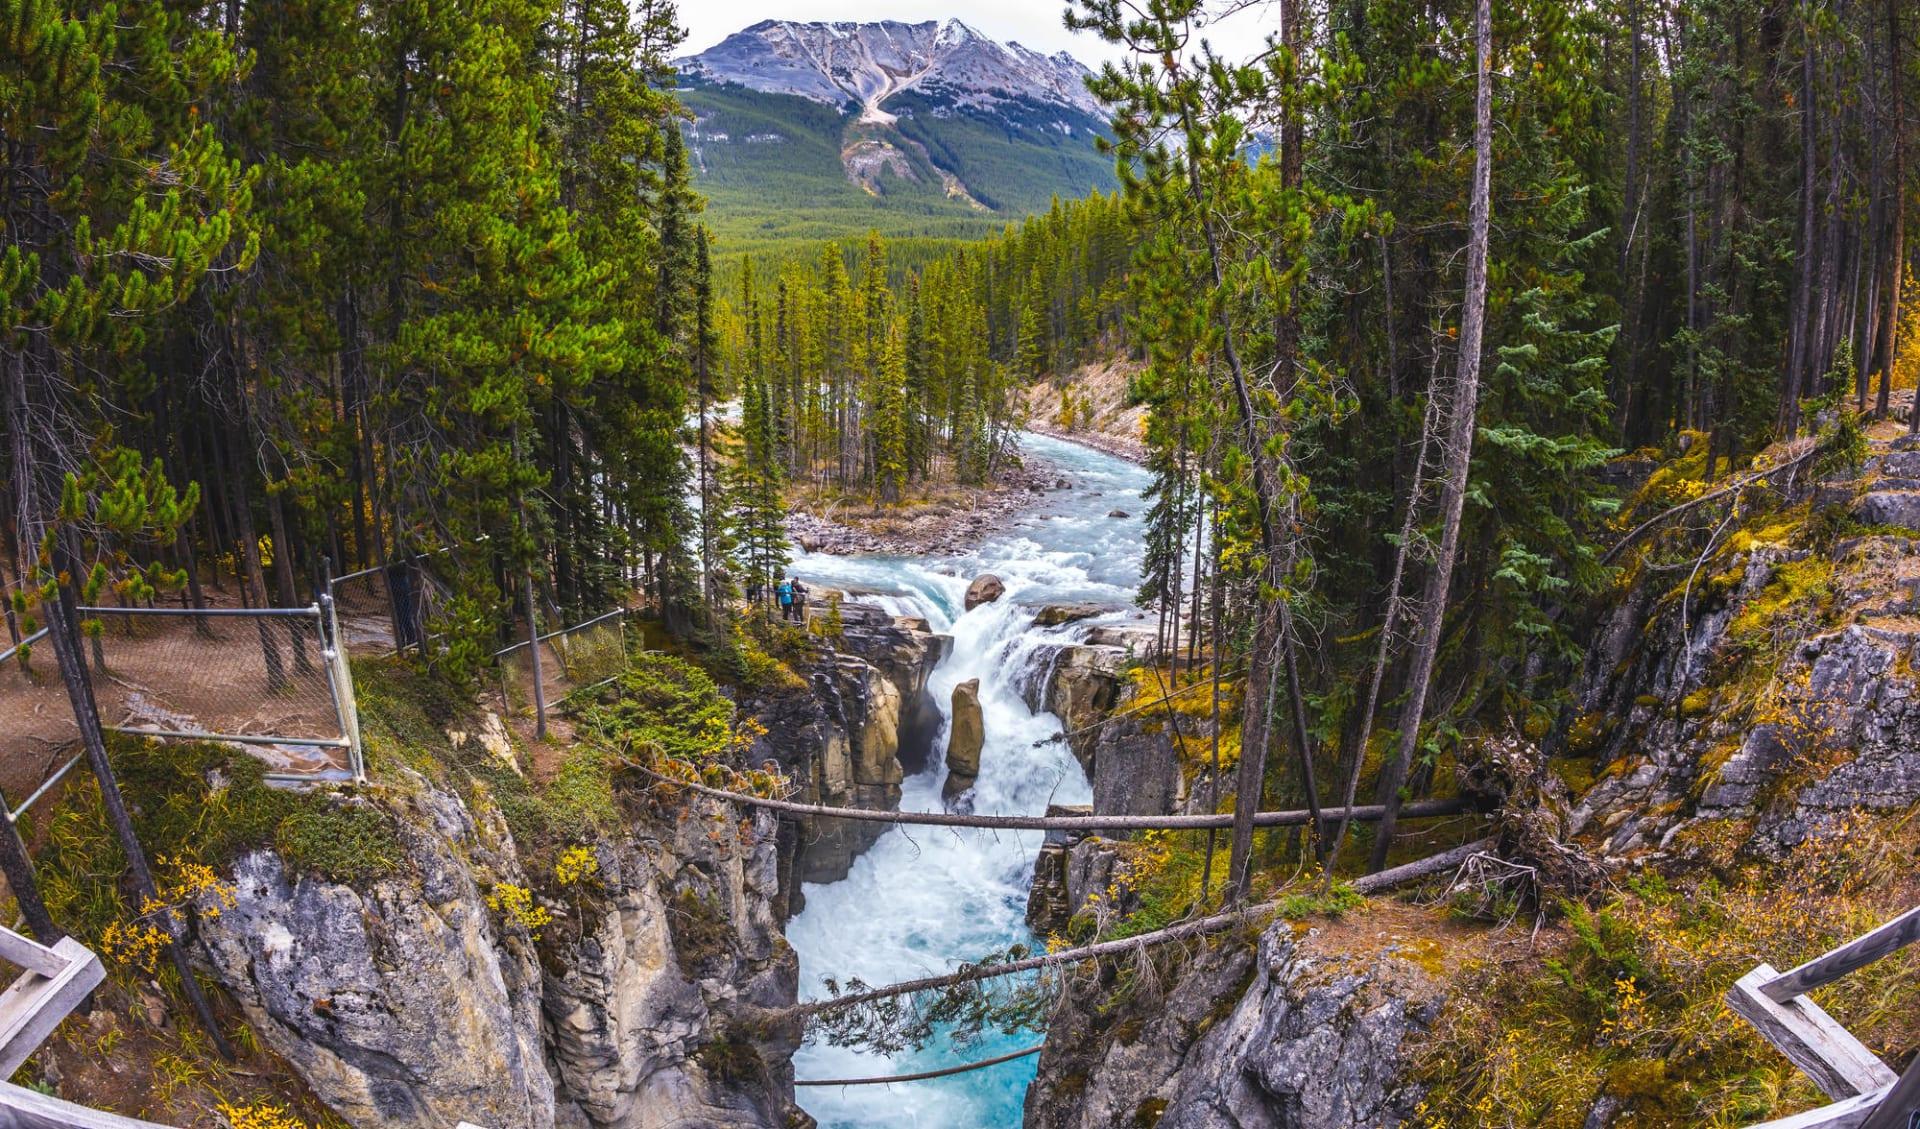 Abenteuer Northwest Territories ab Edmonton: Kanada - Jasper Nationalpark - kleine Insel inmitten des Flusses